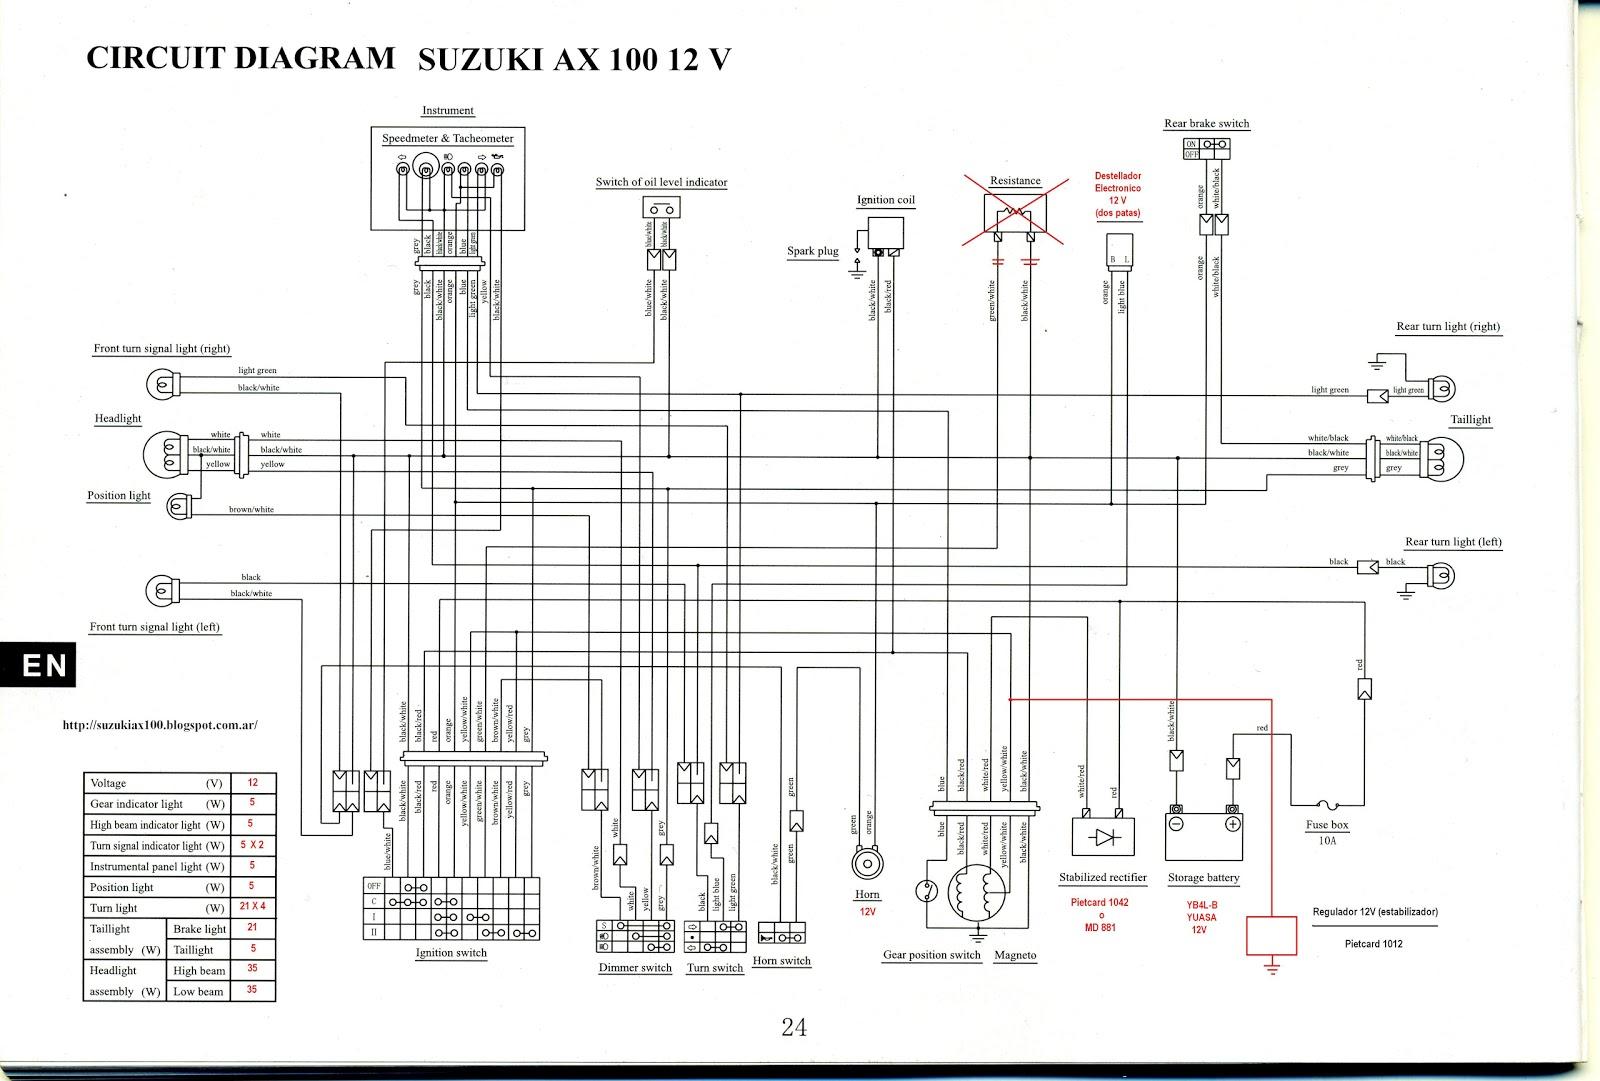 Pasin Por 2t Diagrama Del Circuito Electrico 12v Suzuki Ax